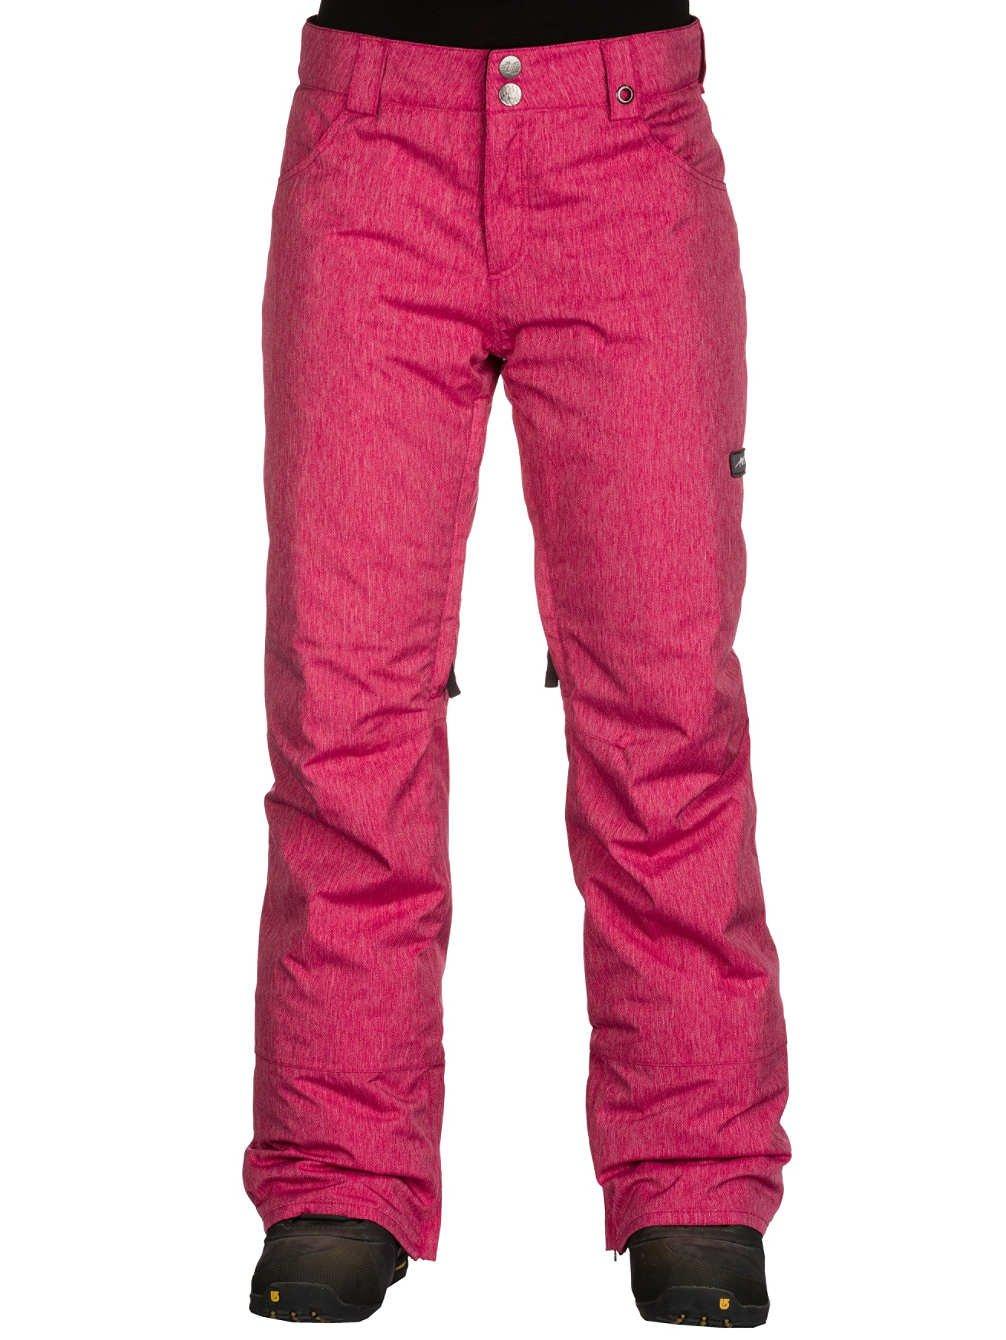 WLD Damen Larosia Pant Snowboard WLDA5|#WLD M16.W.PT.SN.530175.11582